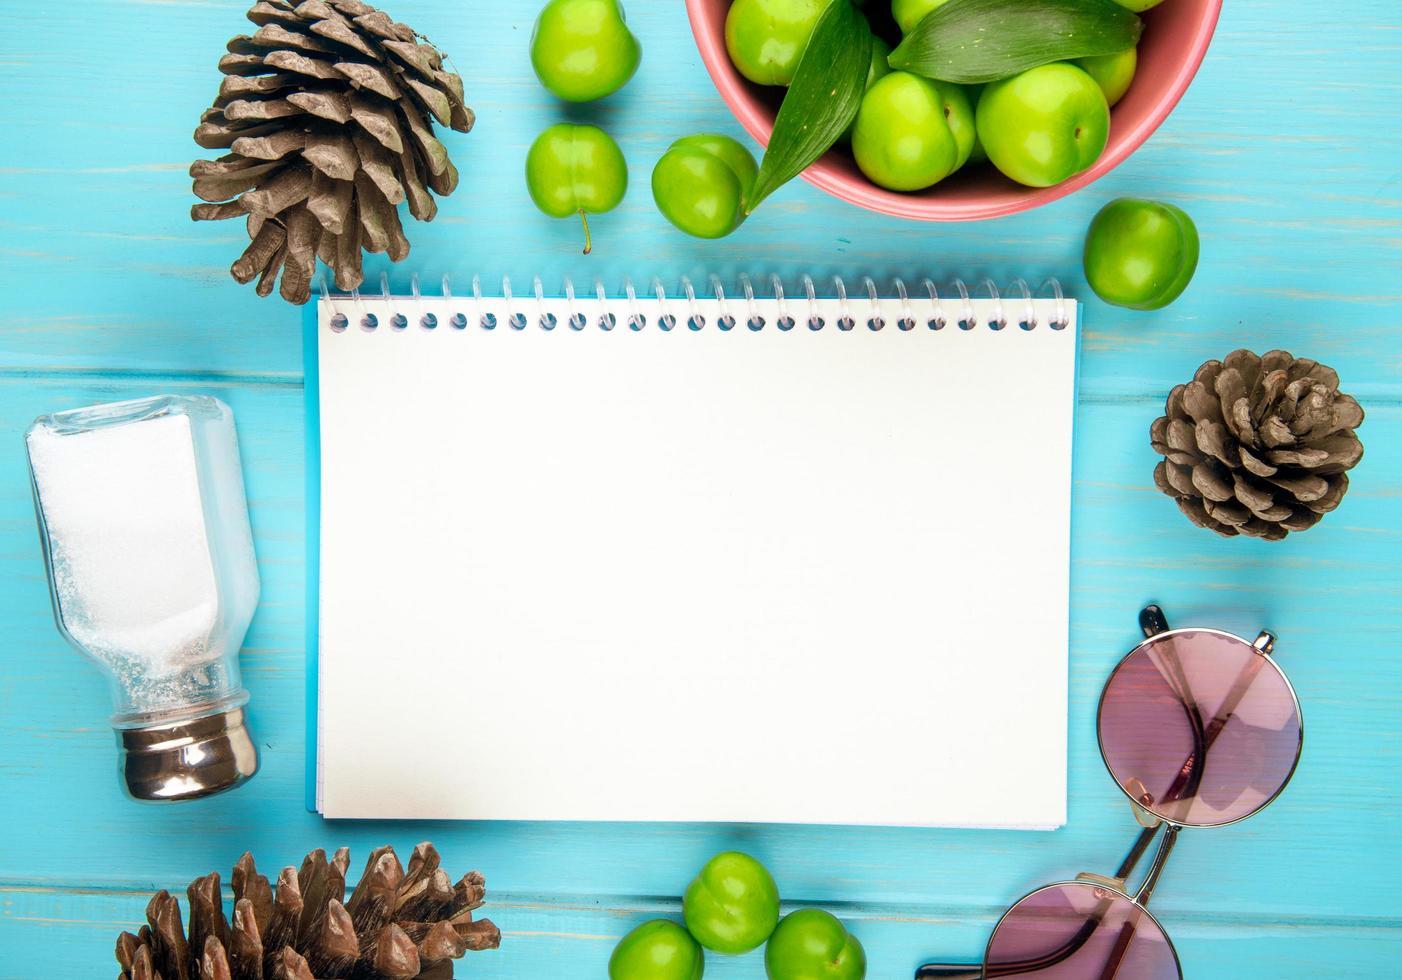 vista superior de un cuaderno de dibujo rodeado de frutas y piñas foto